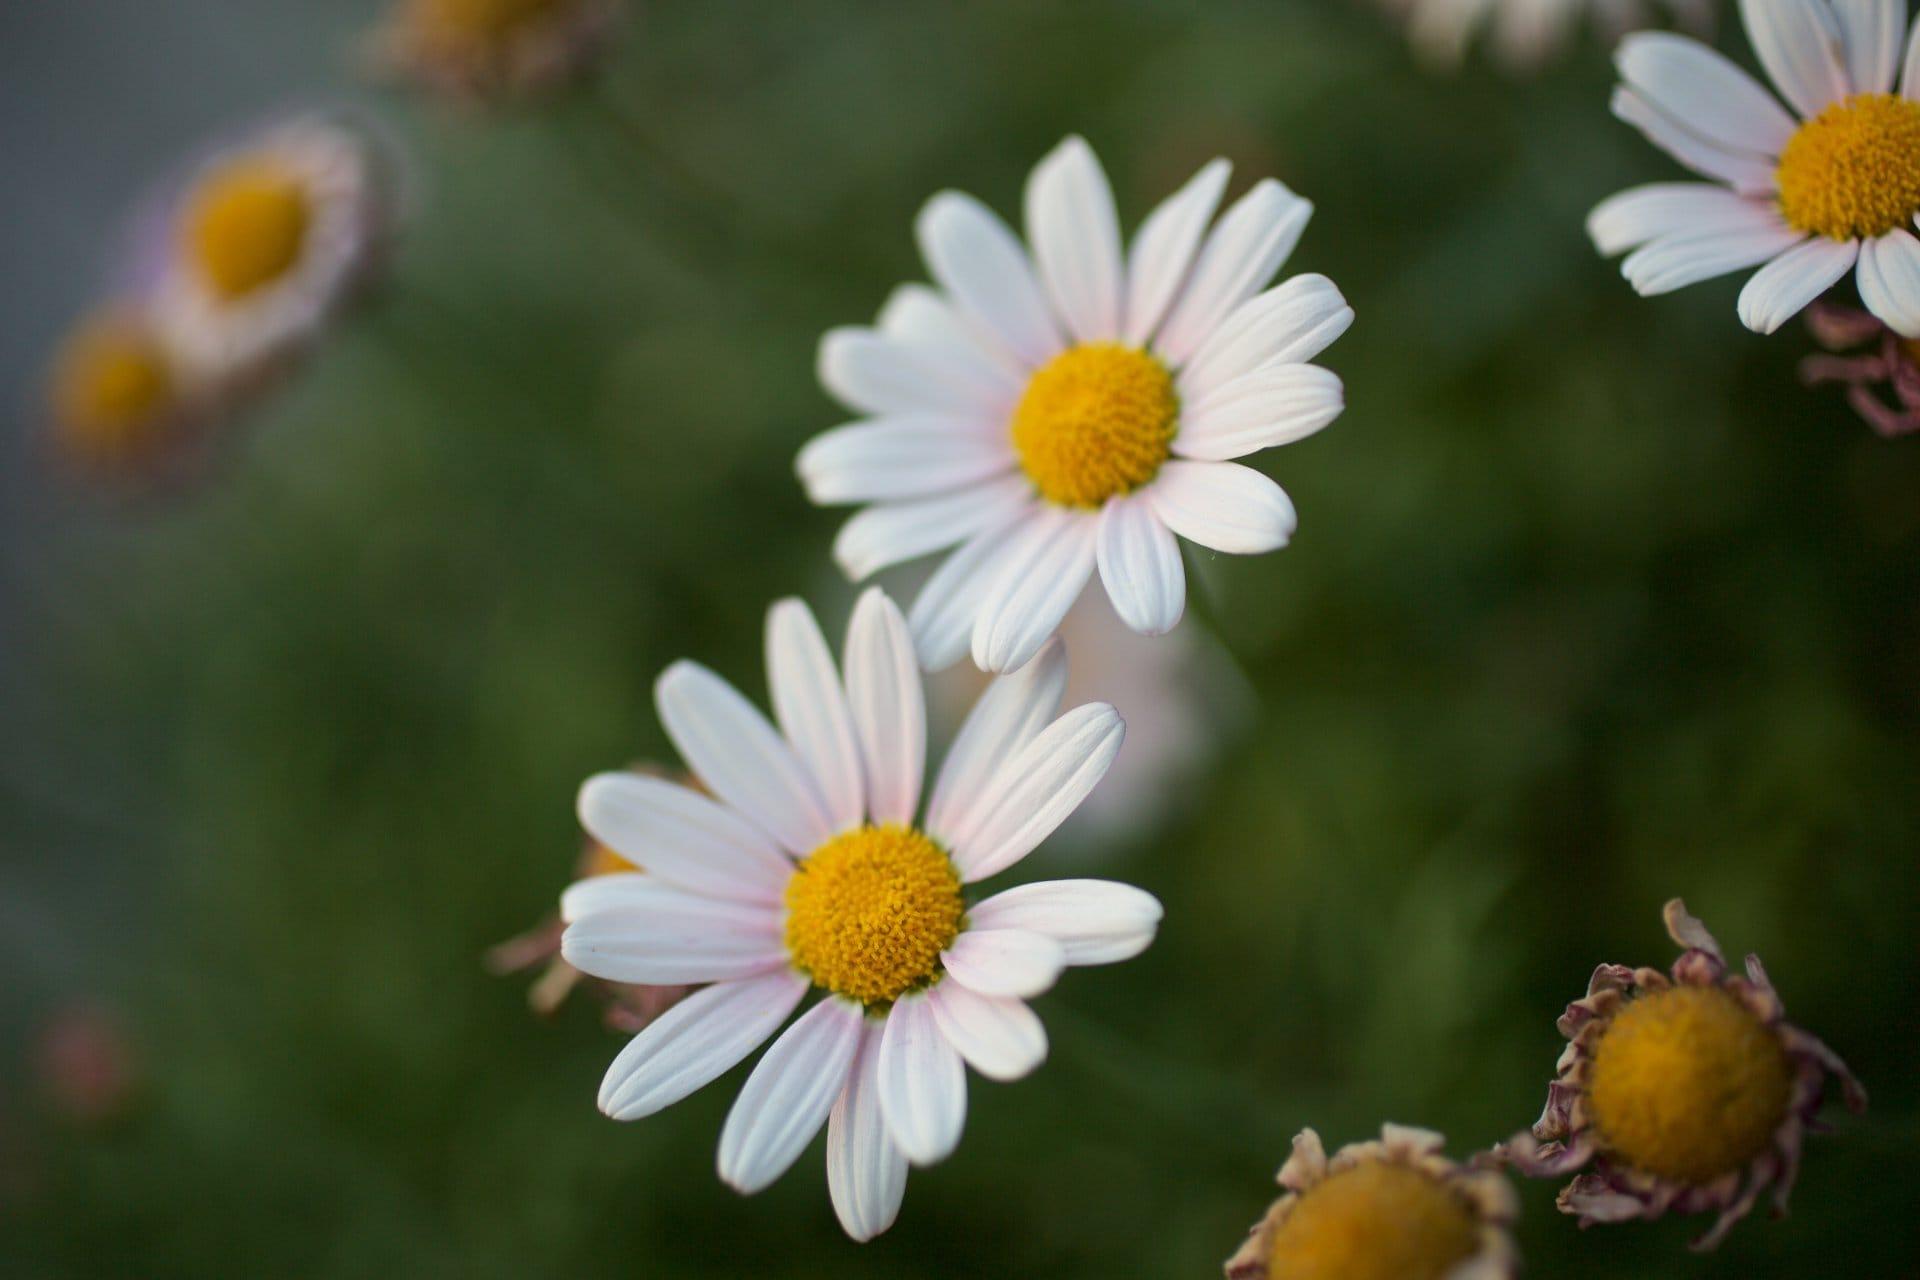 2015 06 07 flowervariety 6